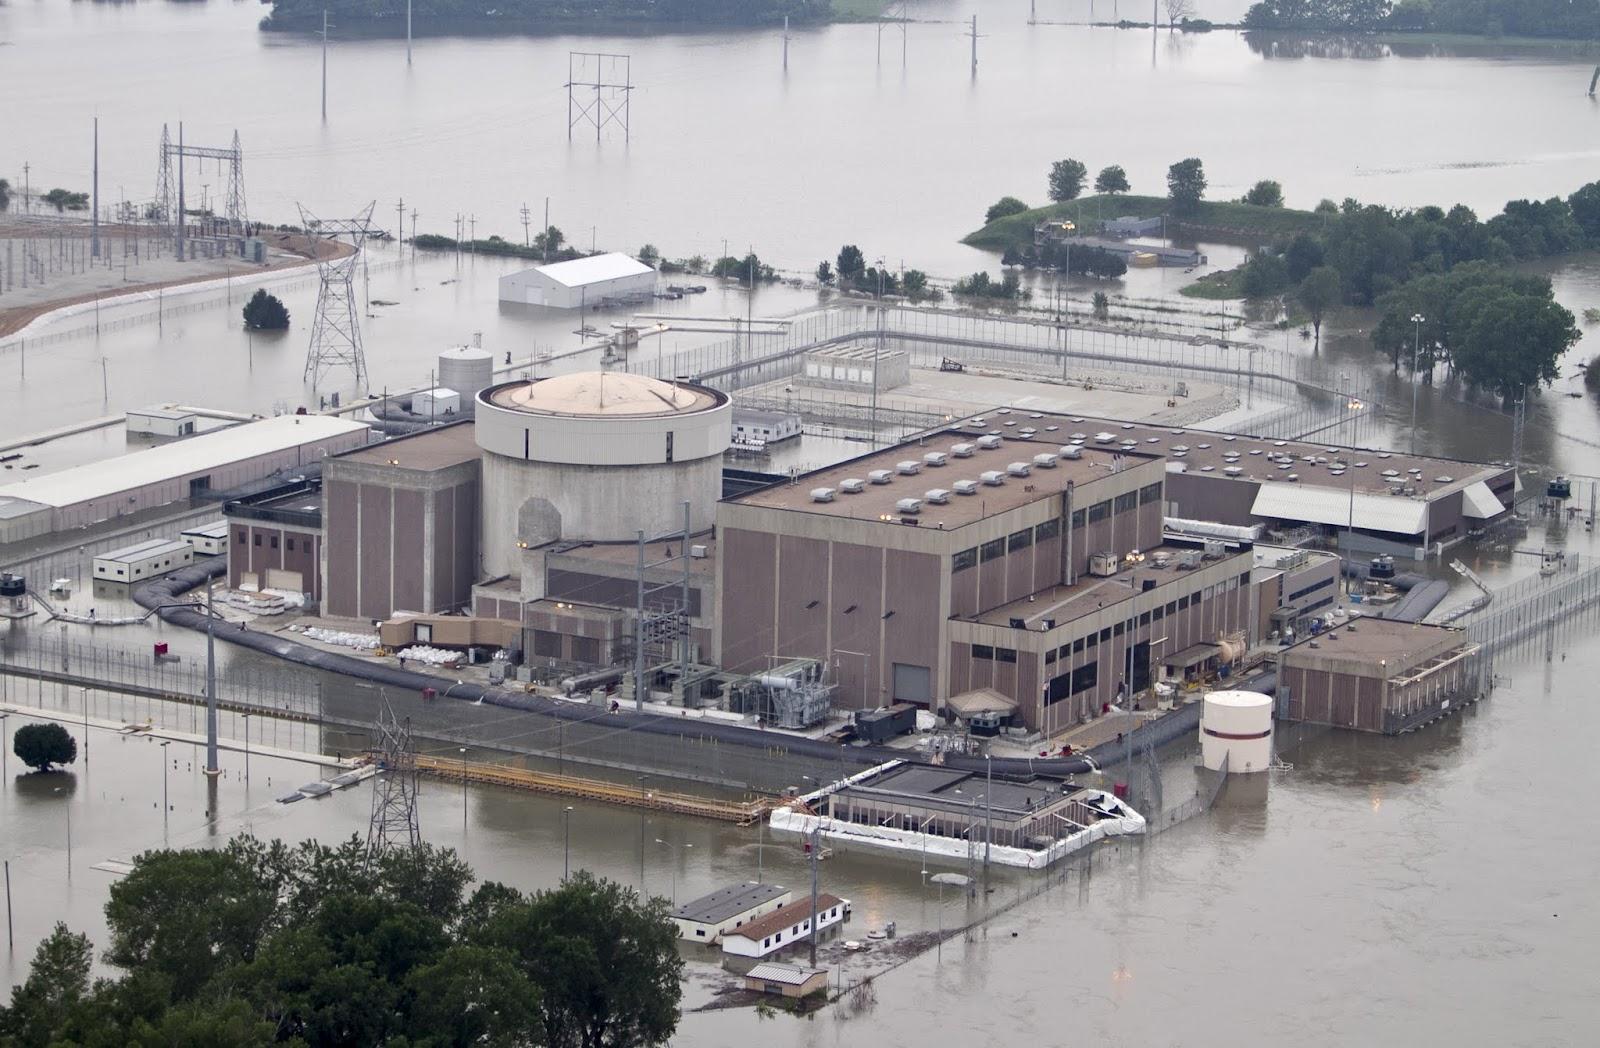 İklim değişikliği, nükleer santrallerin risklerini ve maliyetlerini arttıracak!